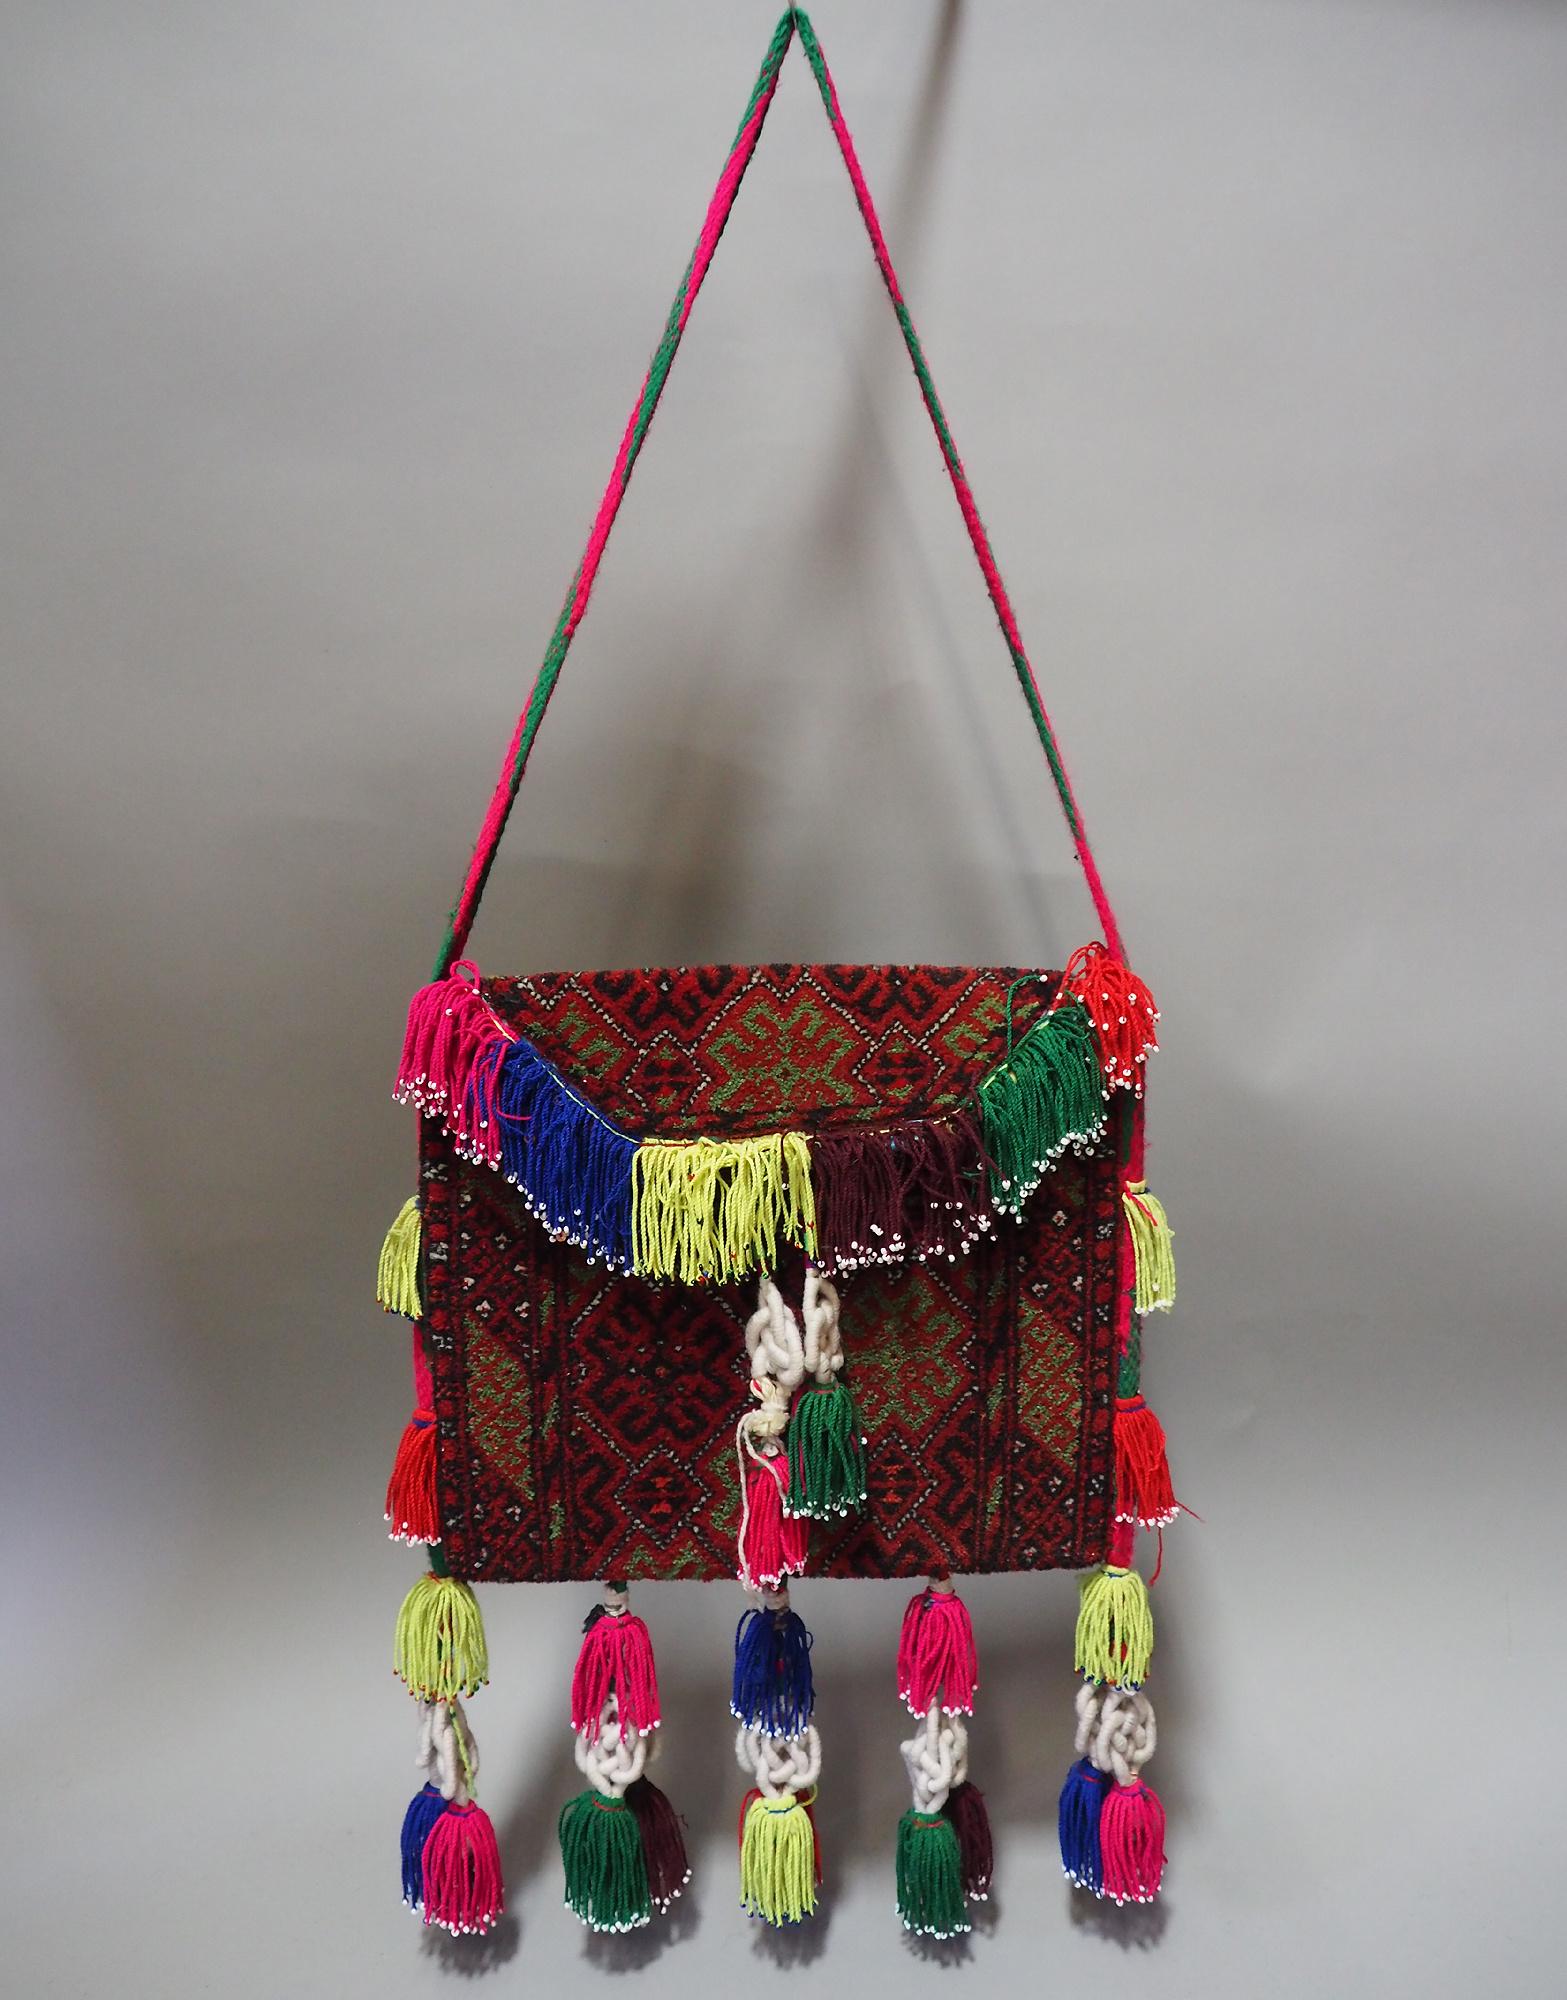 orient Afghan Tukmeische Teppich nomaden Handgeknüpft wollen Hochzeit Tasche handtasche Schultertasche tragetasche 1001-nacht Afghanistan